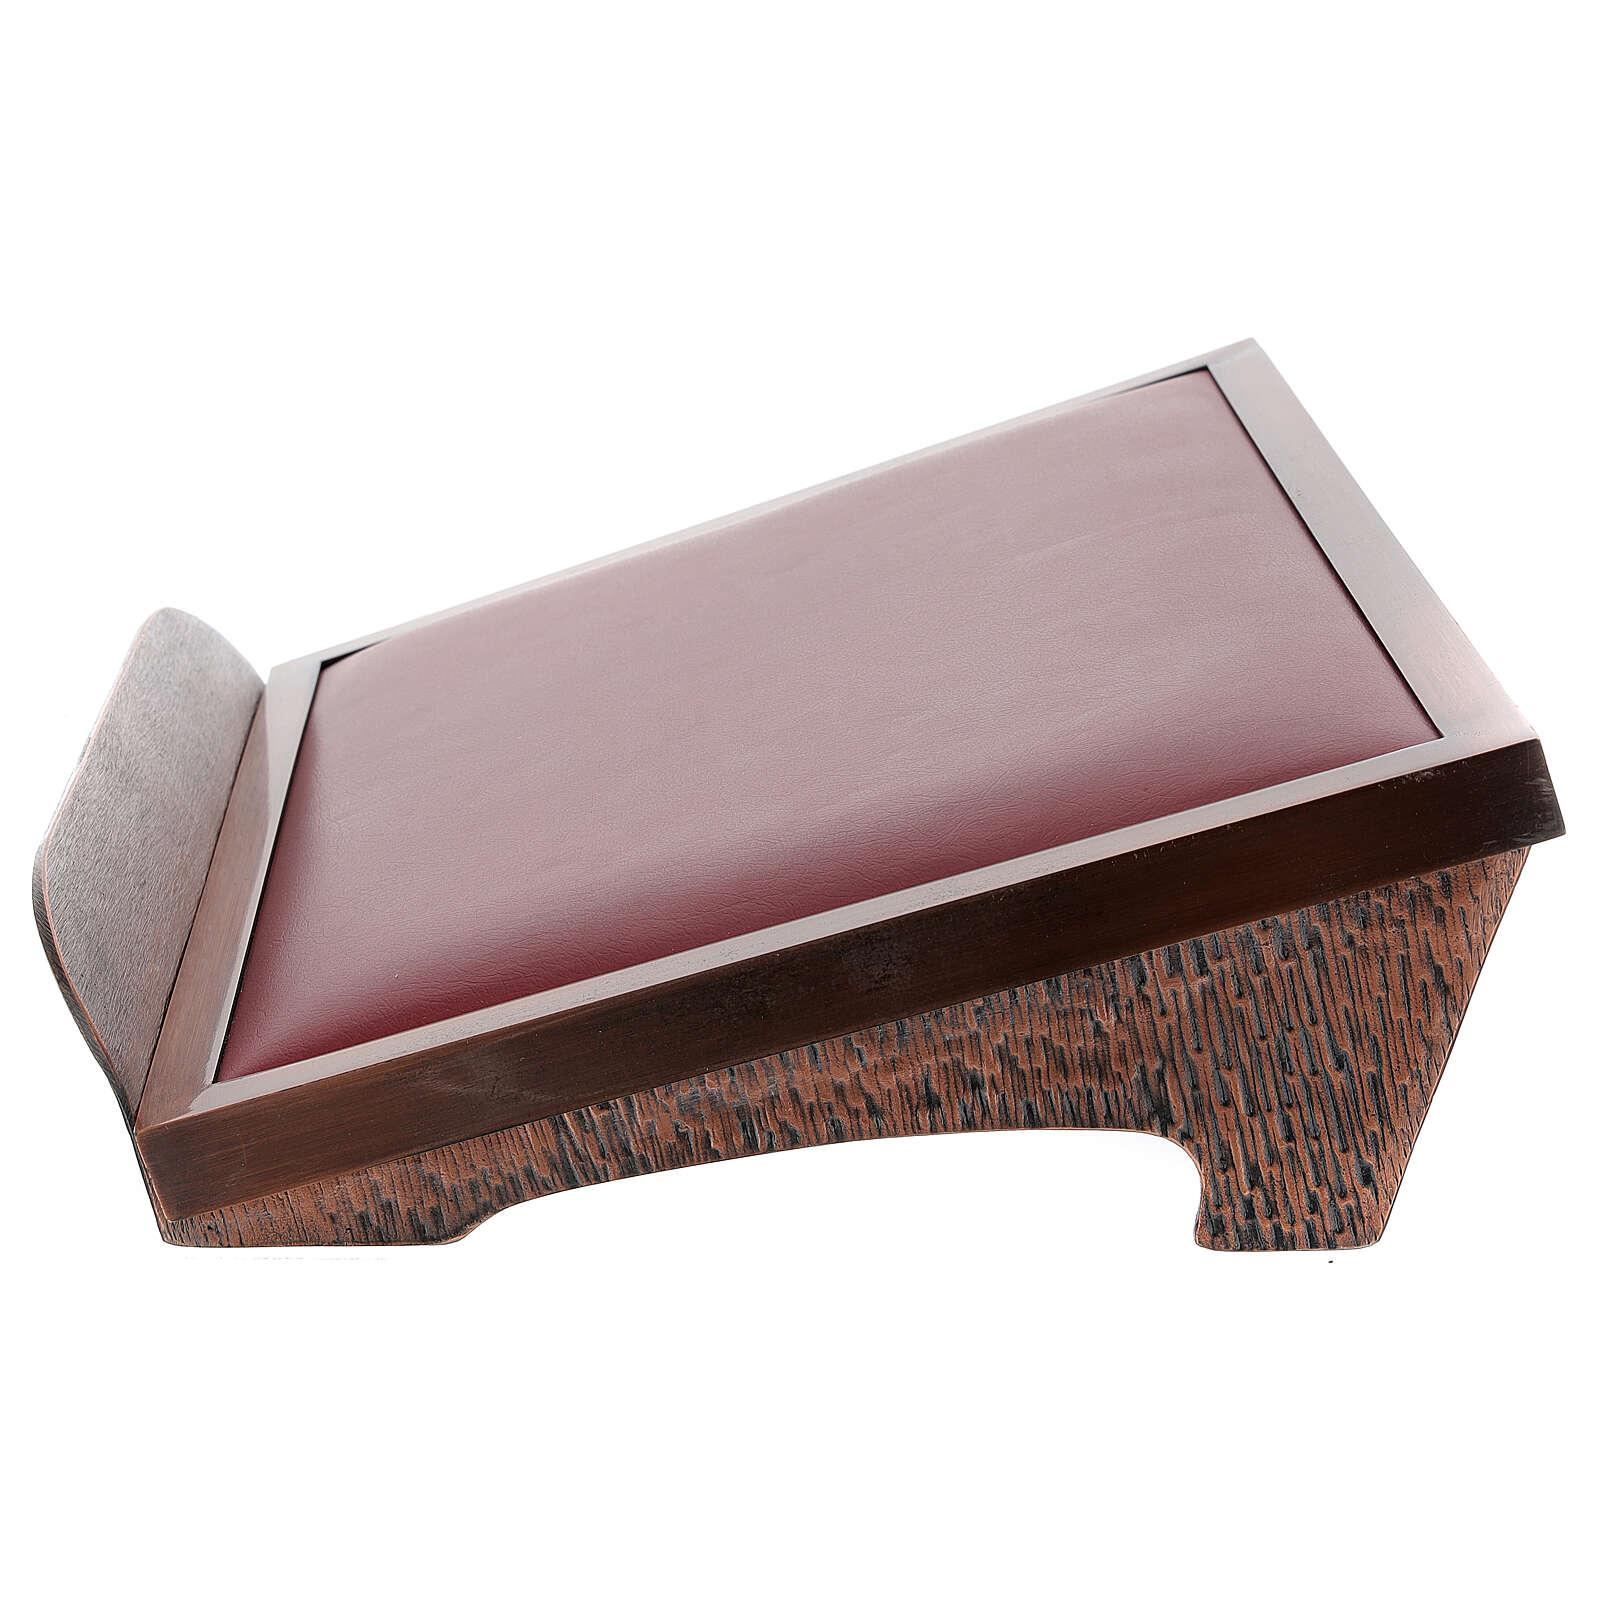 Leggio da mensa ramato con velluto rosso 4